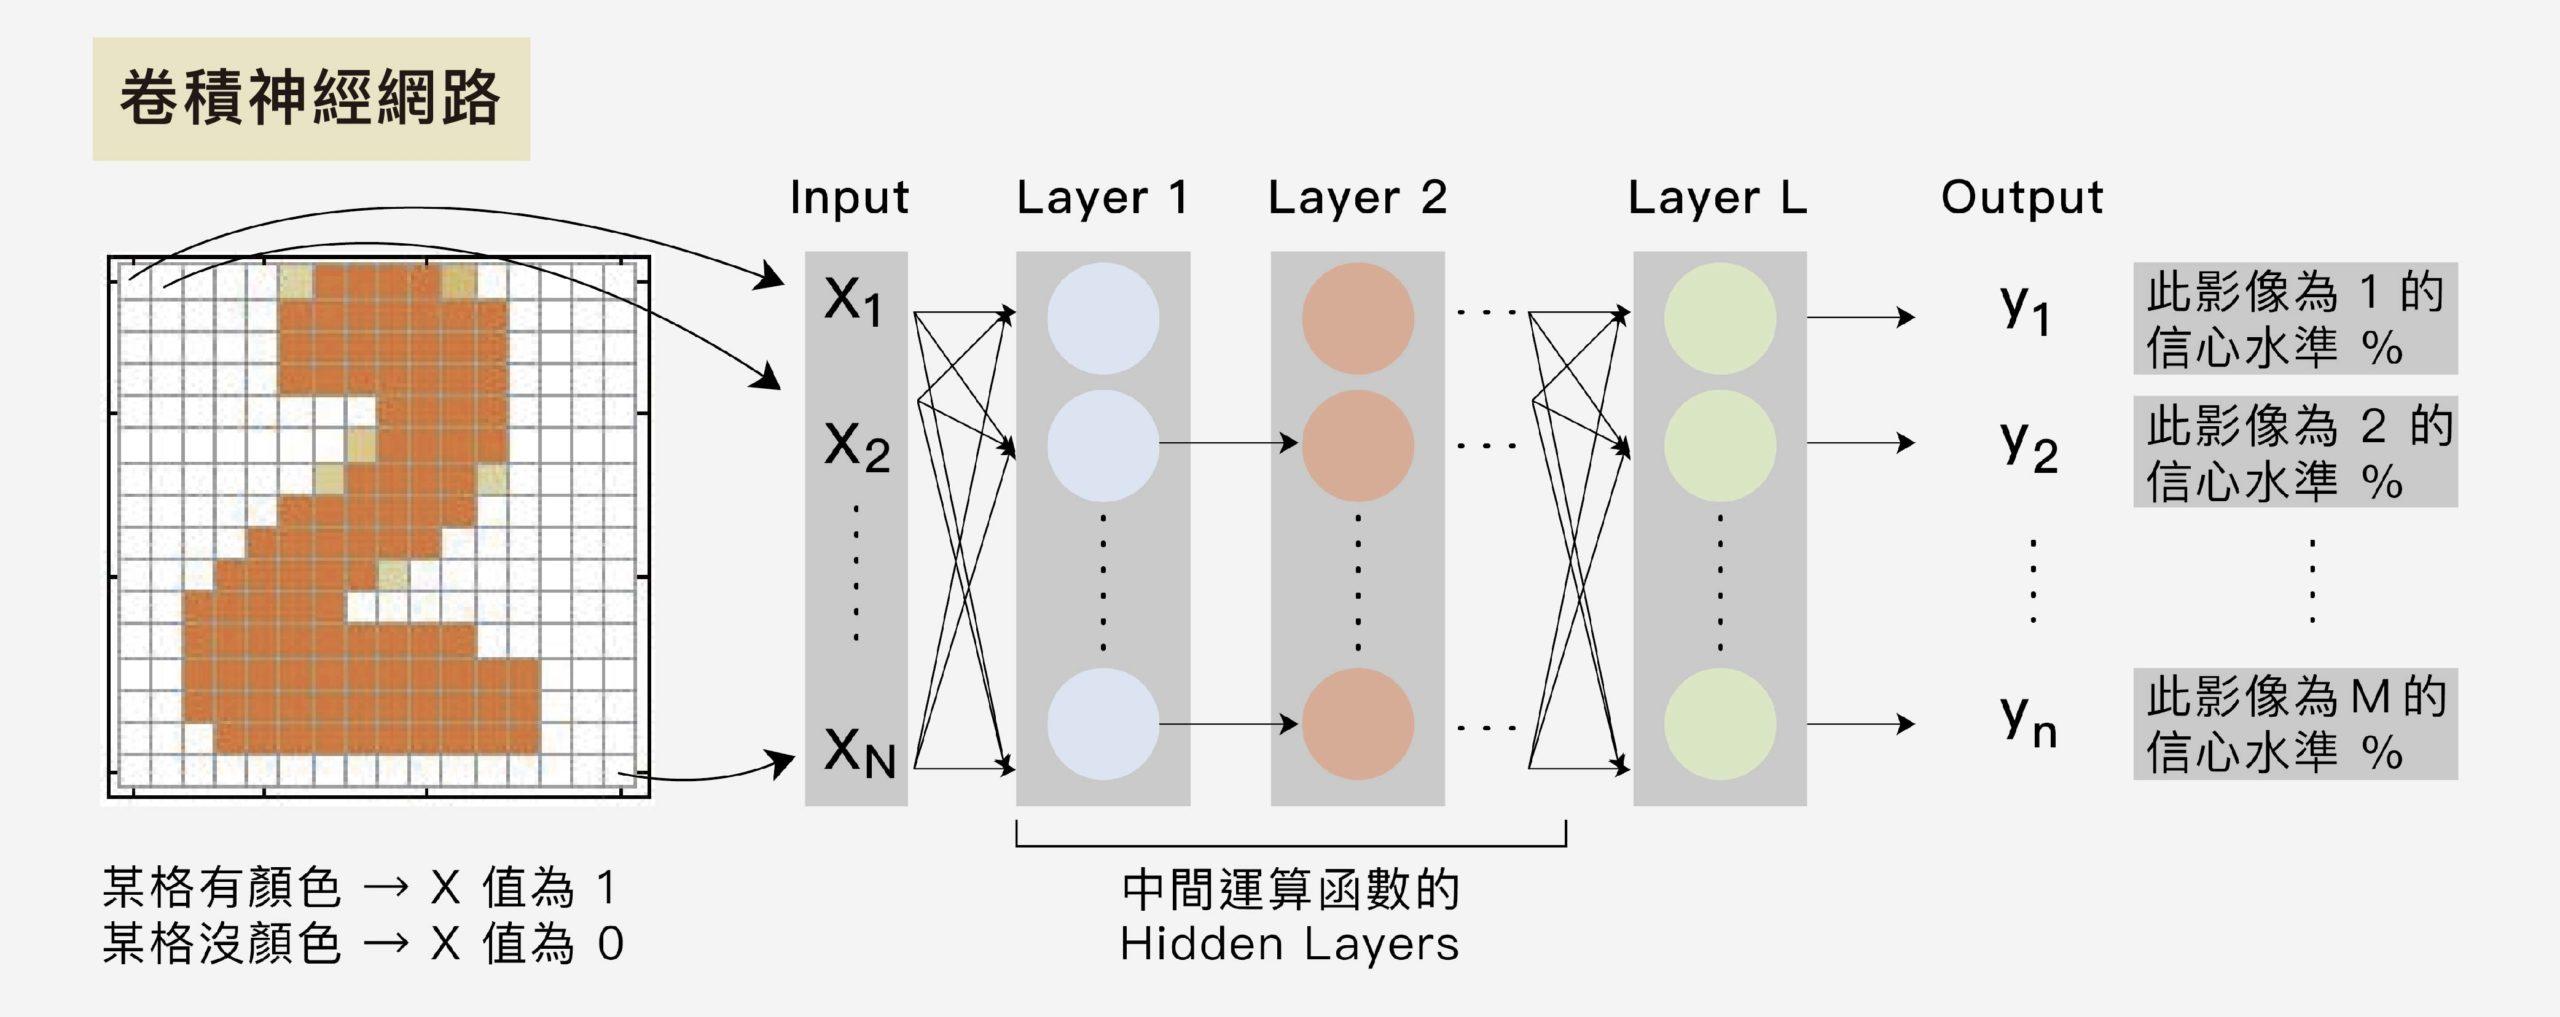 先教電腦定義每個影像的值,再透過神經網路的層層非線性函數運算,判斷這個影像最可能為哪個數字,信心水準比值最高者為答案。圖│研之有物 (資料來源│李宏毅)